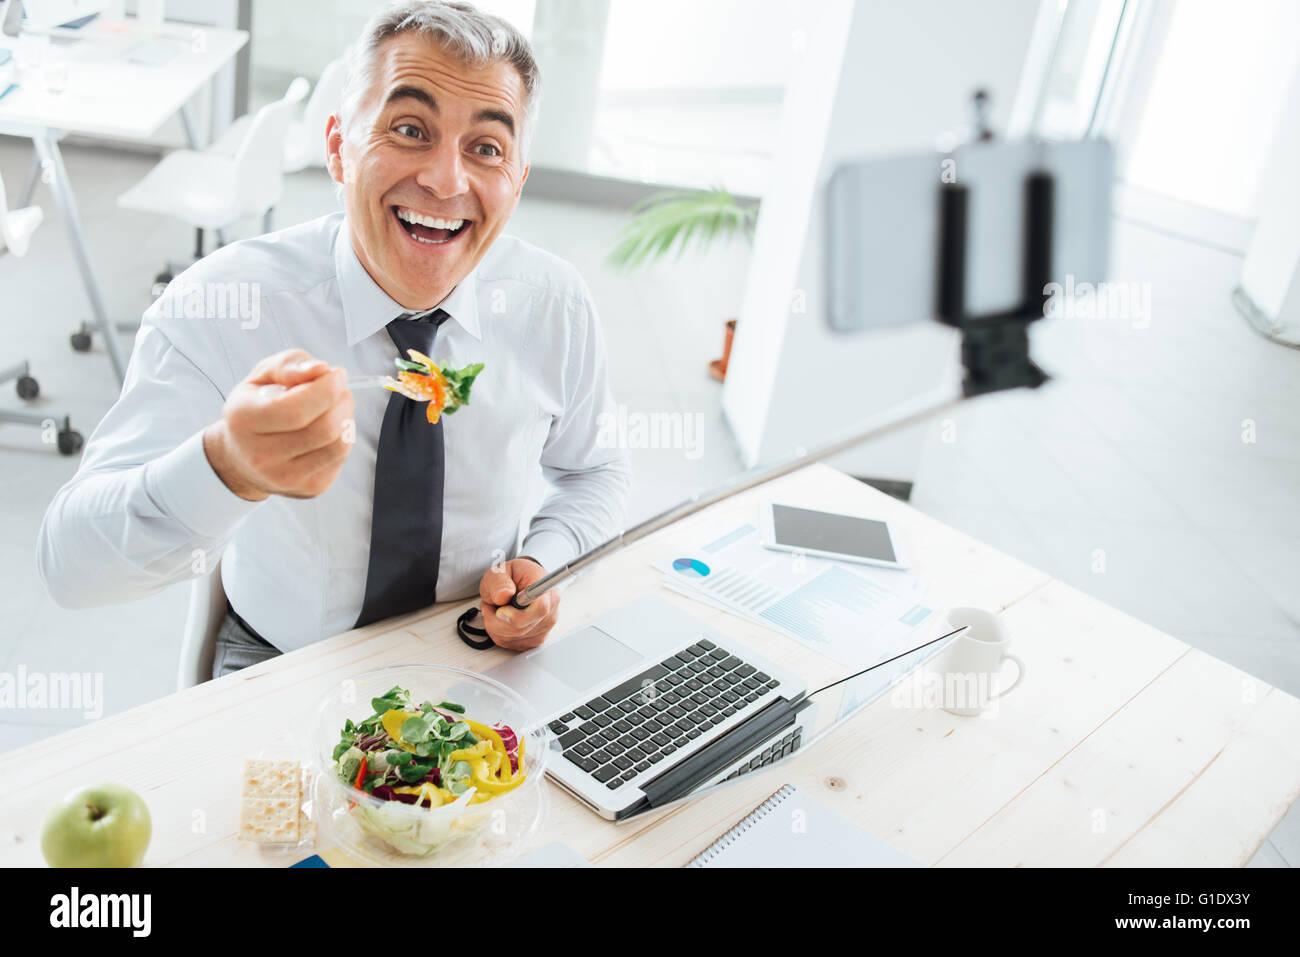 Happy smiling businessman at office 24 avoir une pause déjeuner et prendre des autoportraits avec un bâton Photo Stock